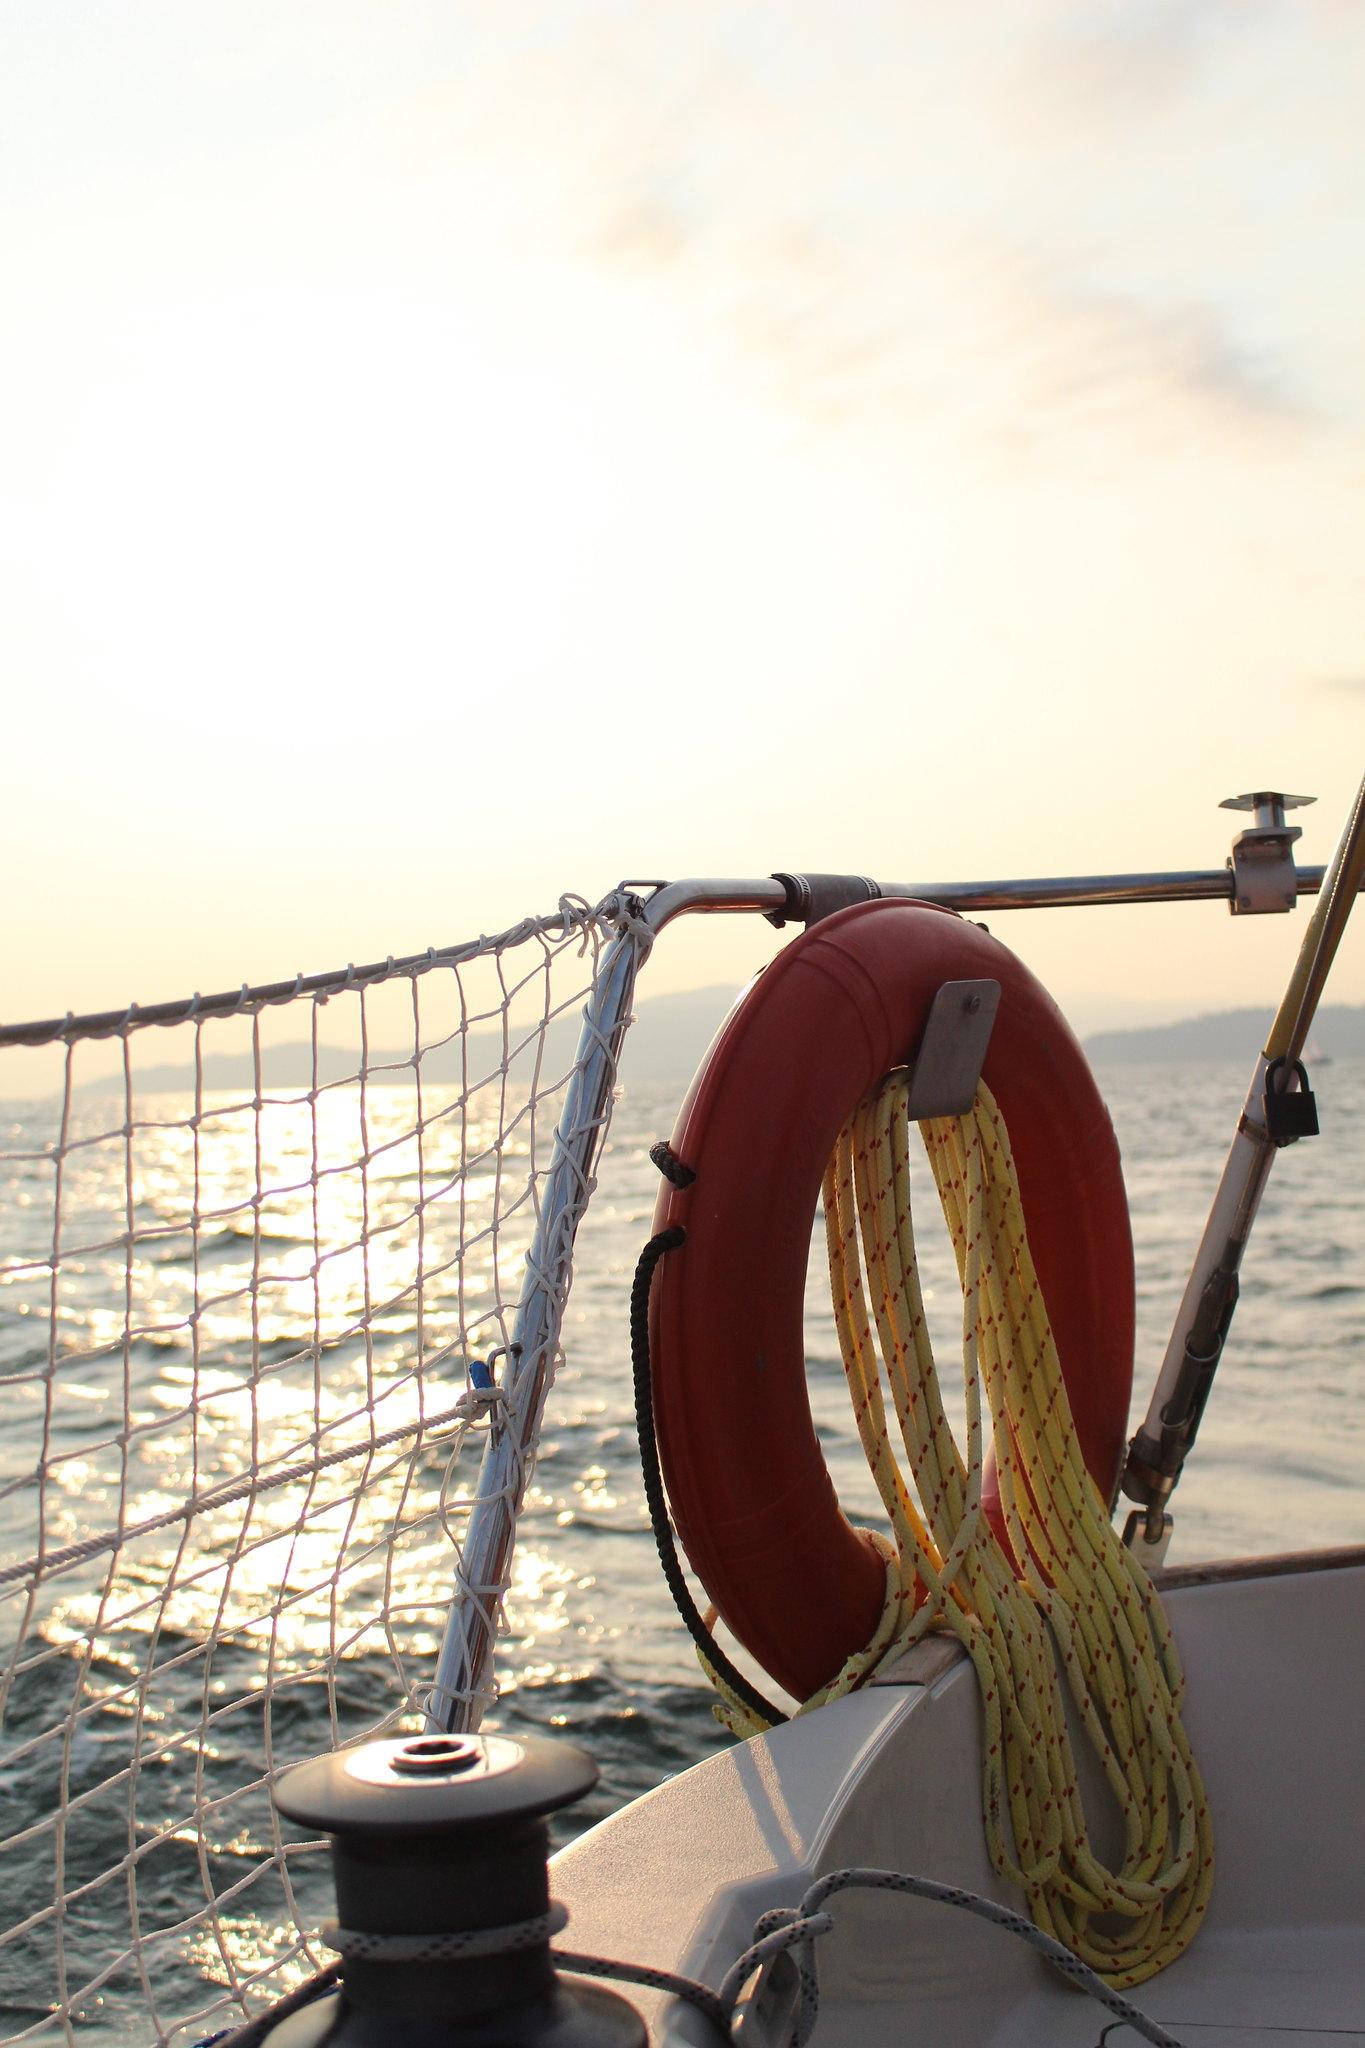 Sailboating 2015